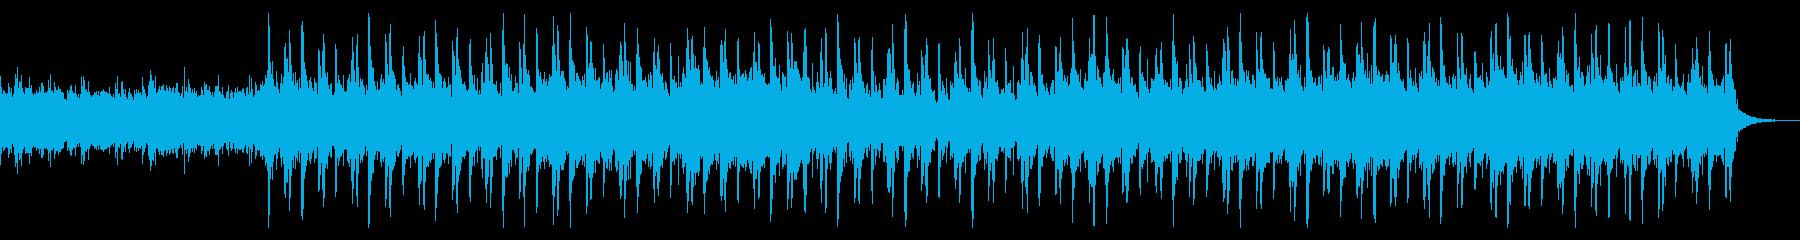 ケルトEpic系バグパイプ・勇敢な行進曲の再生済みの波形